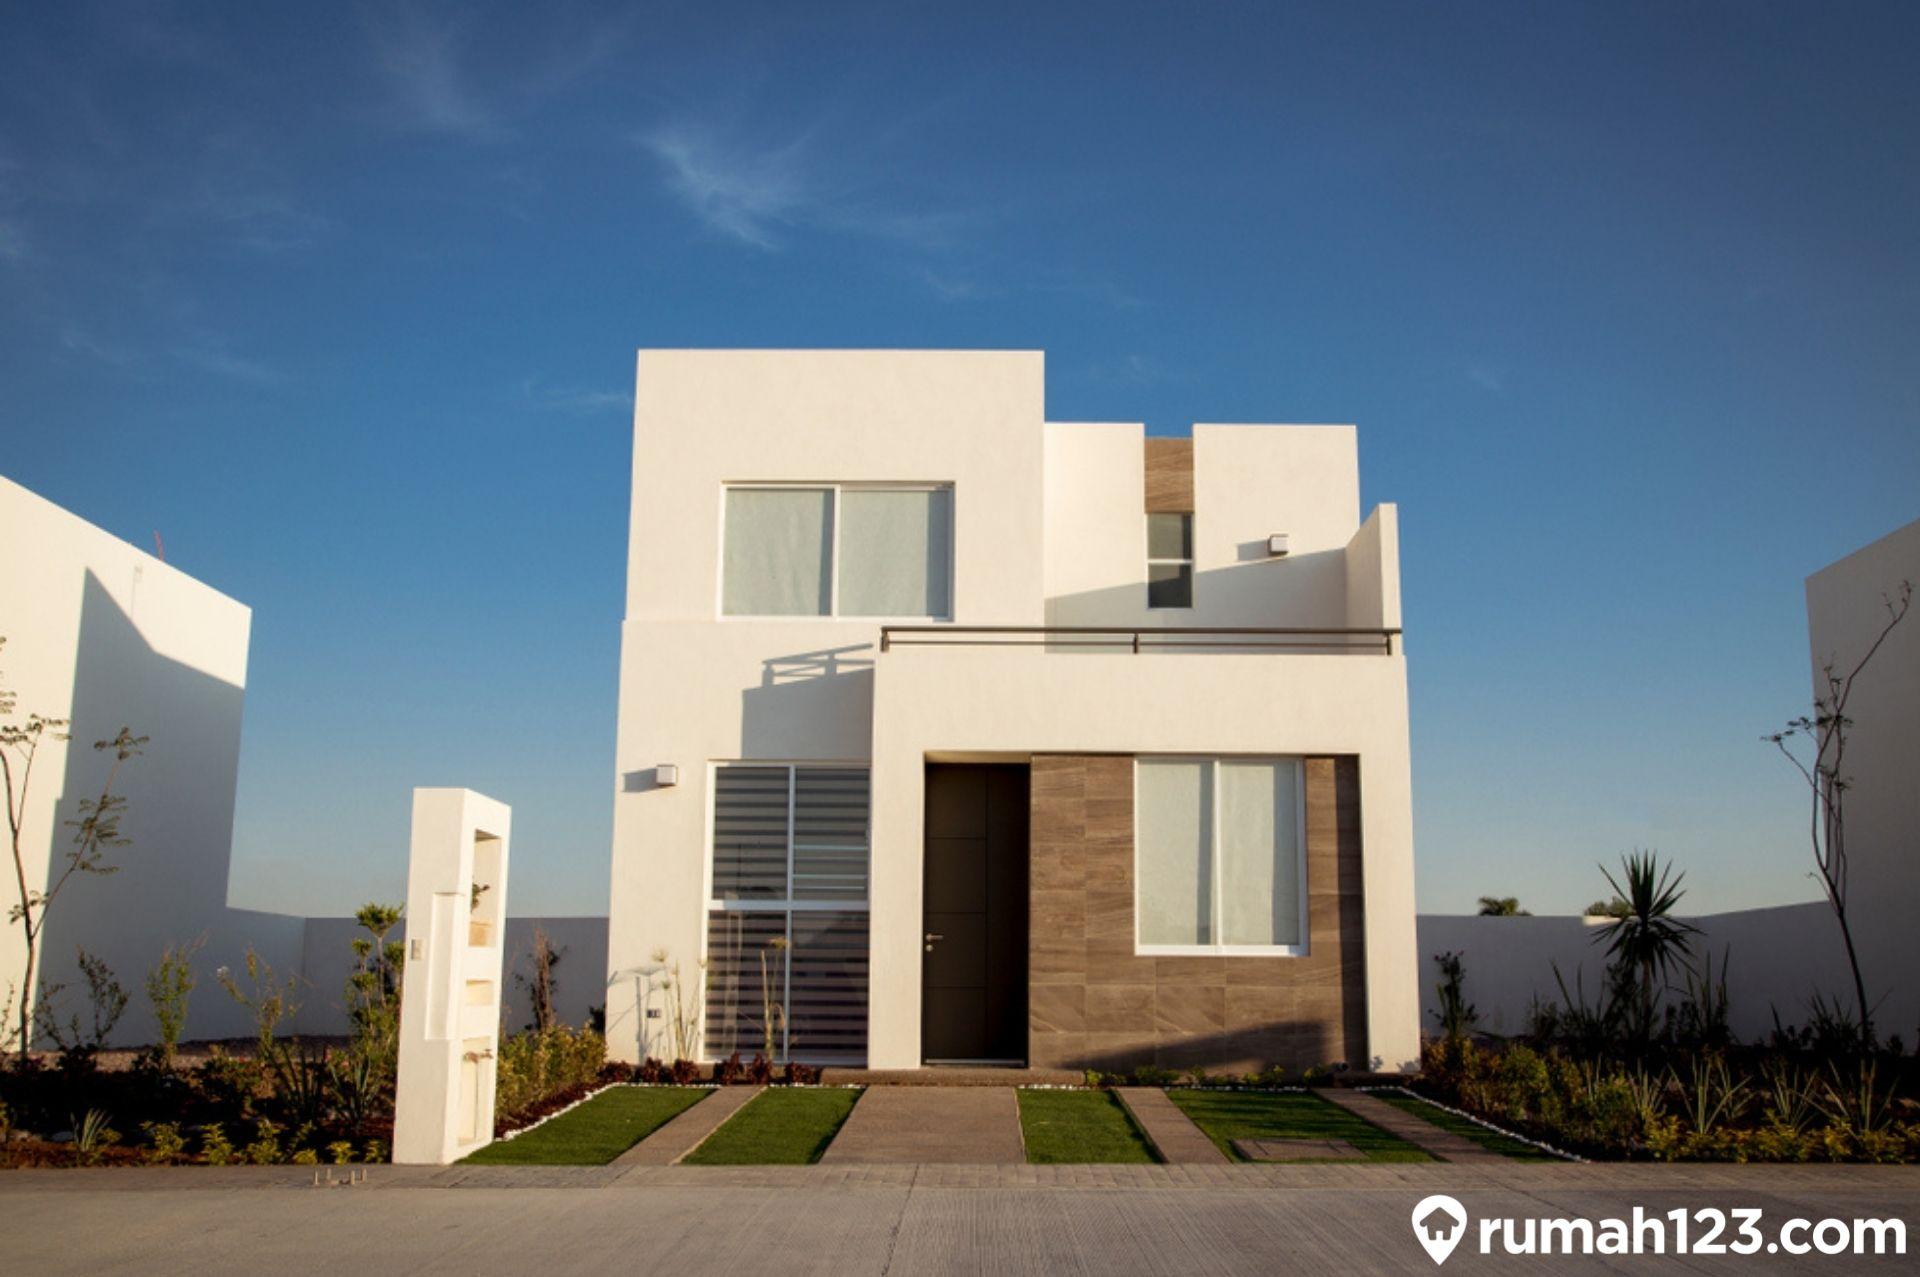 7 Inspirasi Desain Rumah Minimalis Bernuansa Hitam Putih, Hunian Jadi Terlihat Elegan!